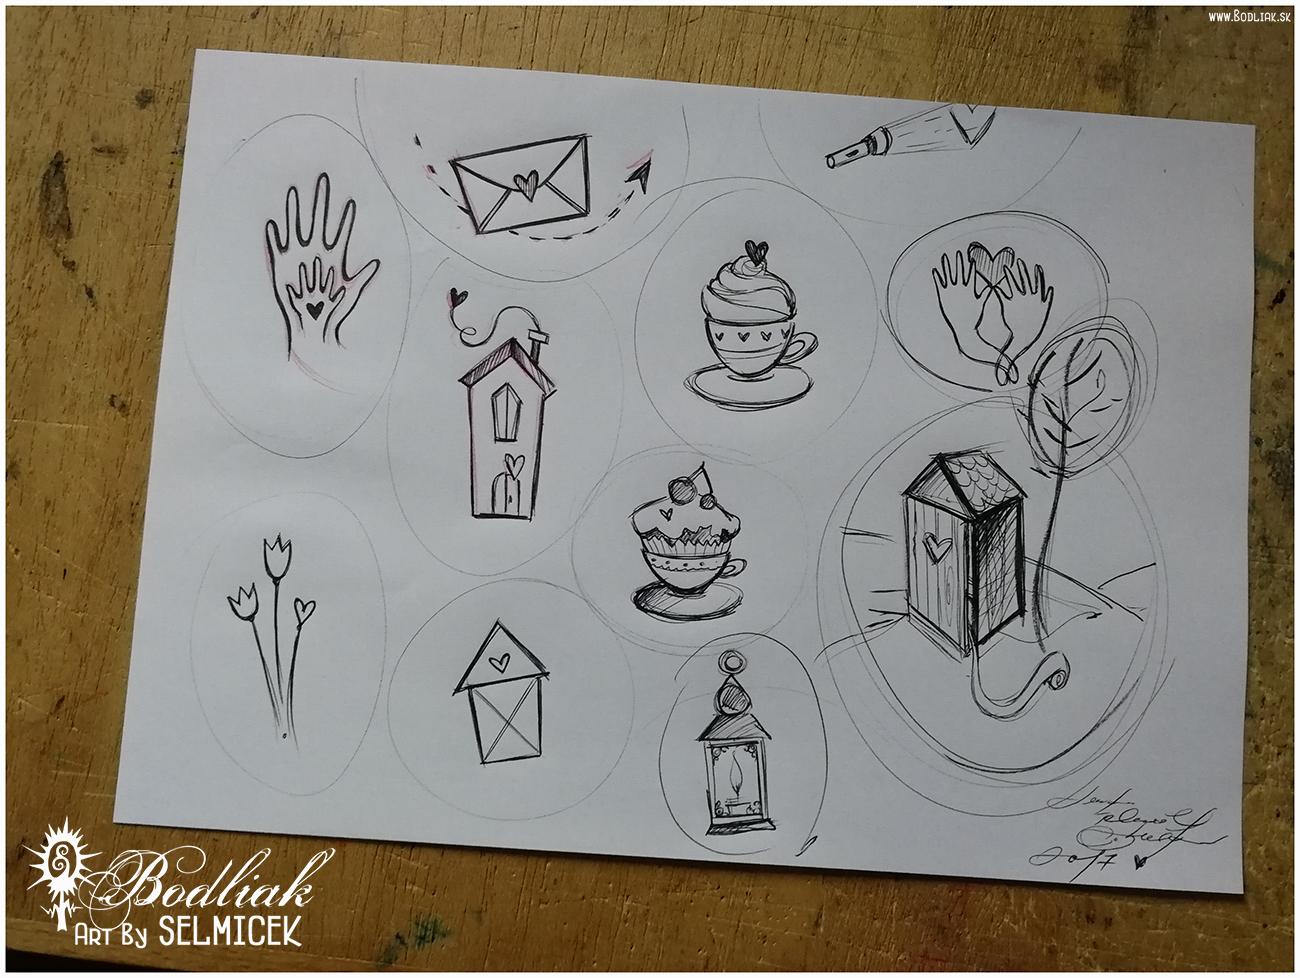 Roztomilé mini tetovaníčka na spríjemnenie každého dňa   autor: Selmicek   rúčka v ruke  - 5cm x 3cm ...  obáločka  - 3,5cm x 6,5cm ...  domček s komínom  - 6,5cm x 3cm ...  tulipániky a  ♥ - 5,5cm x 2,5cm ...  domček  - 4cm x 2,5cm ...  šáločka srdiečkova  - 4,5cm x 3,5cm ...  šáločka s mafinom  - 4,5cm x 3cm ...  lampášik  - 5cm x 2cm ...  baterka  - 1,5cm x 4,5cm ...  ruky držiace  ♥ - 4cm x 3cm ...  záchodík  :D - samotný - 7,5cm x 4, 5 cm (zo stromcekom - 11cm x 6cm)